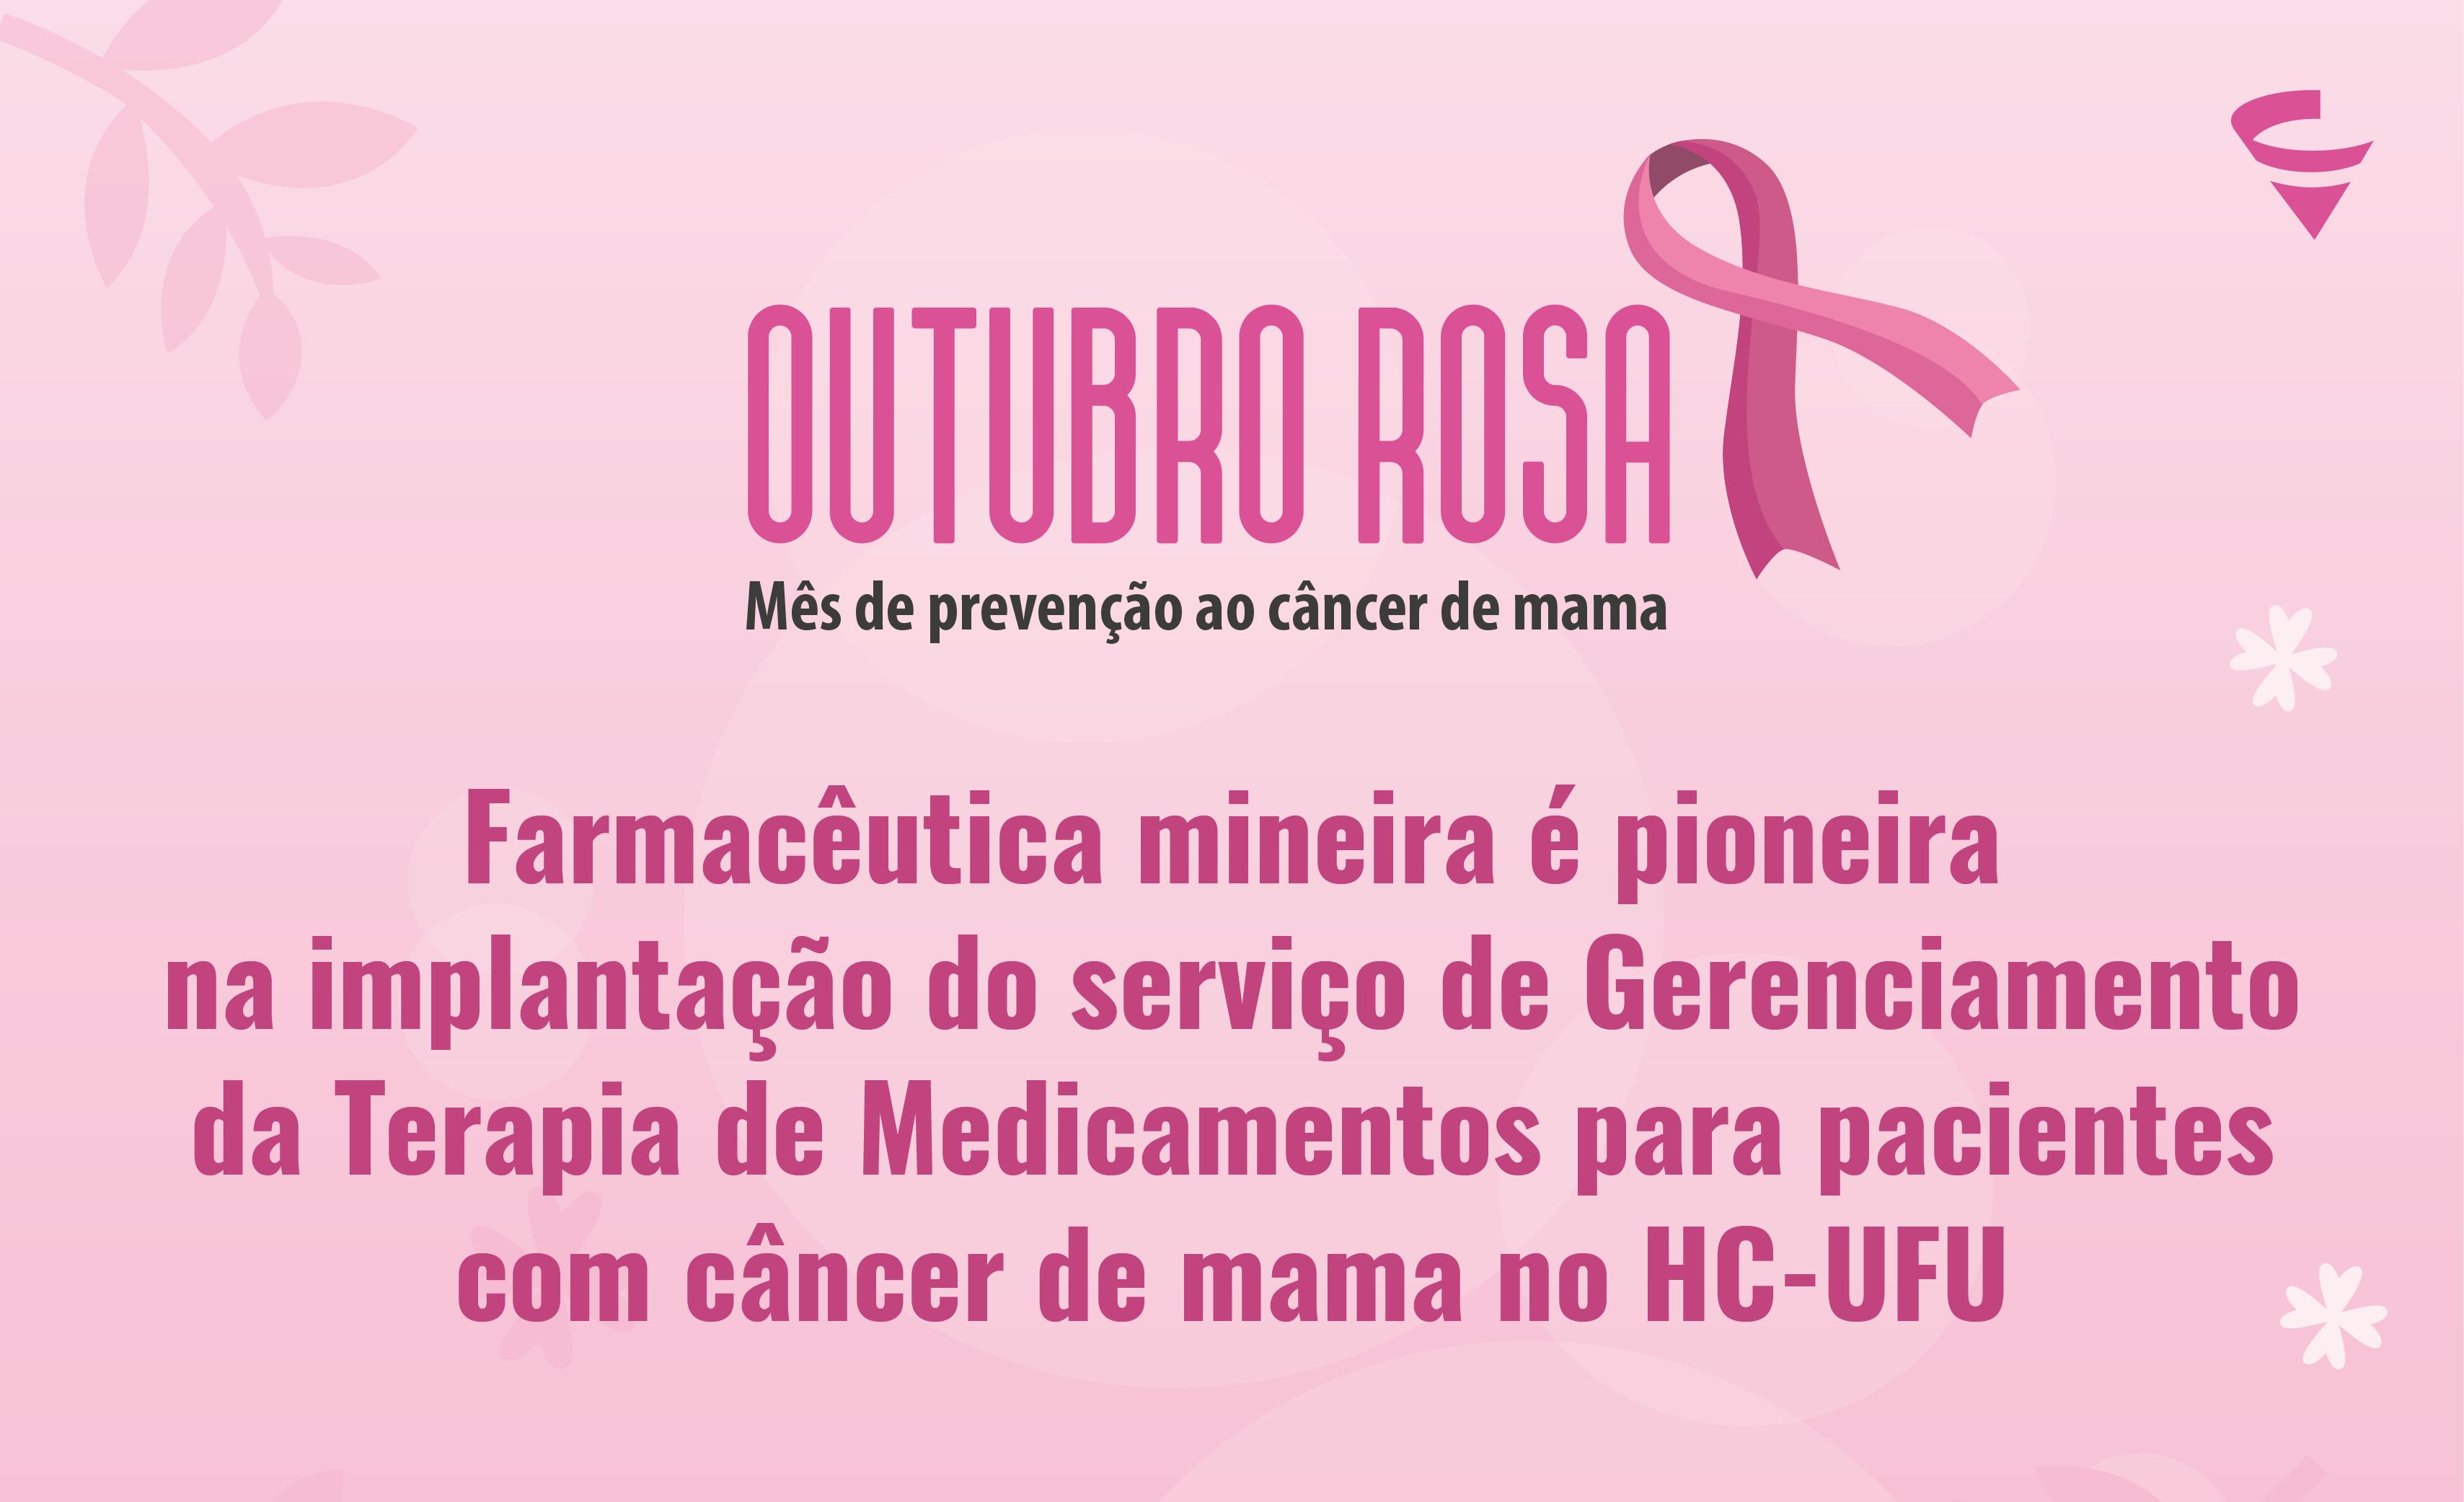 GTM é um diferencial no tratamento de pacientes com câncer de mama